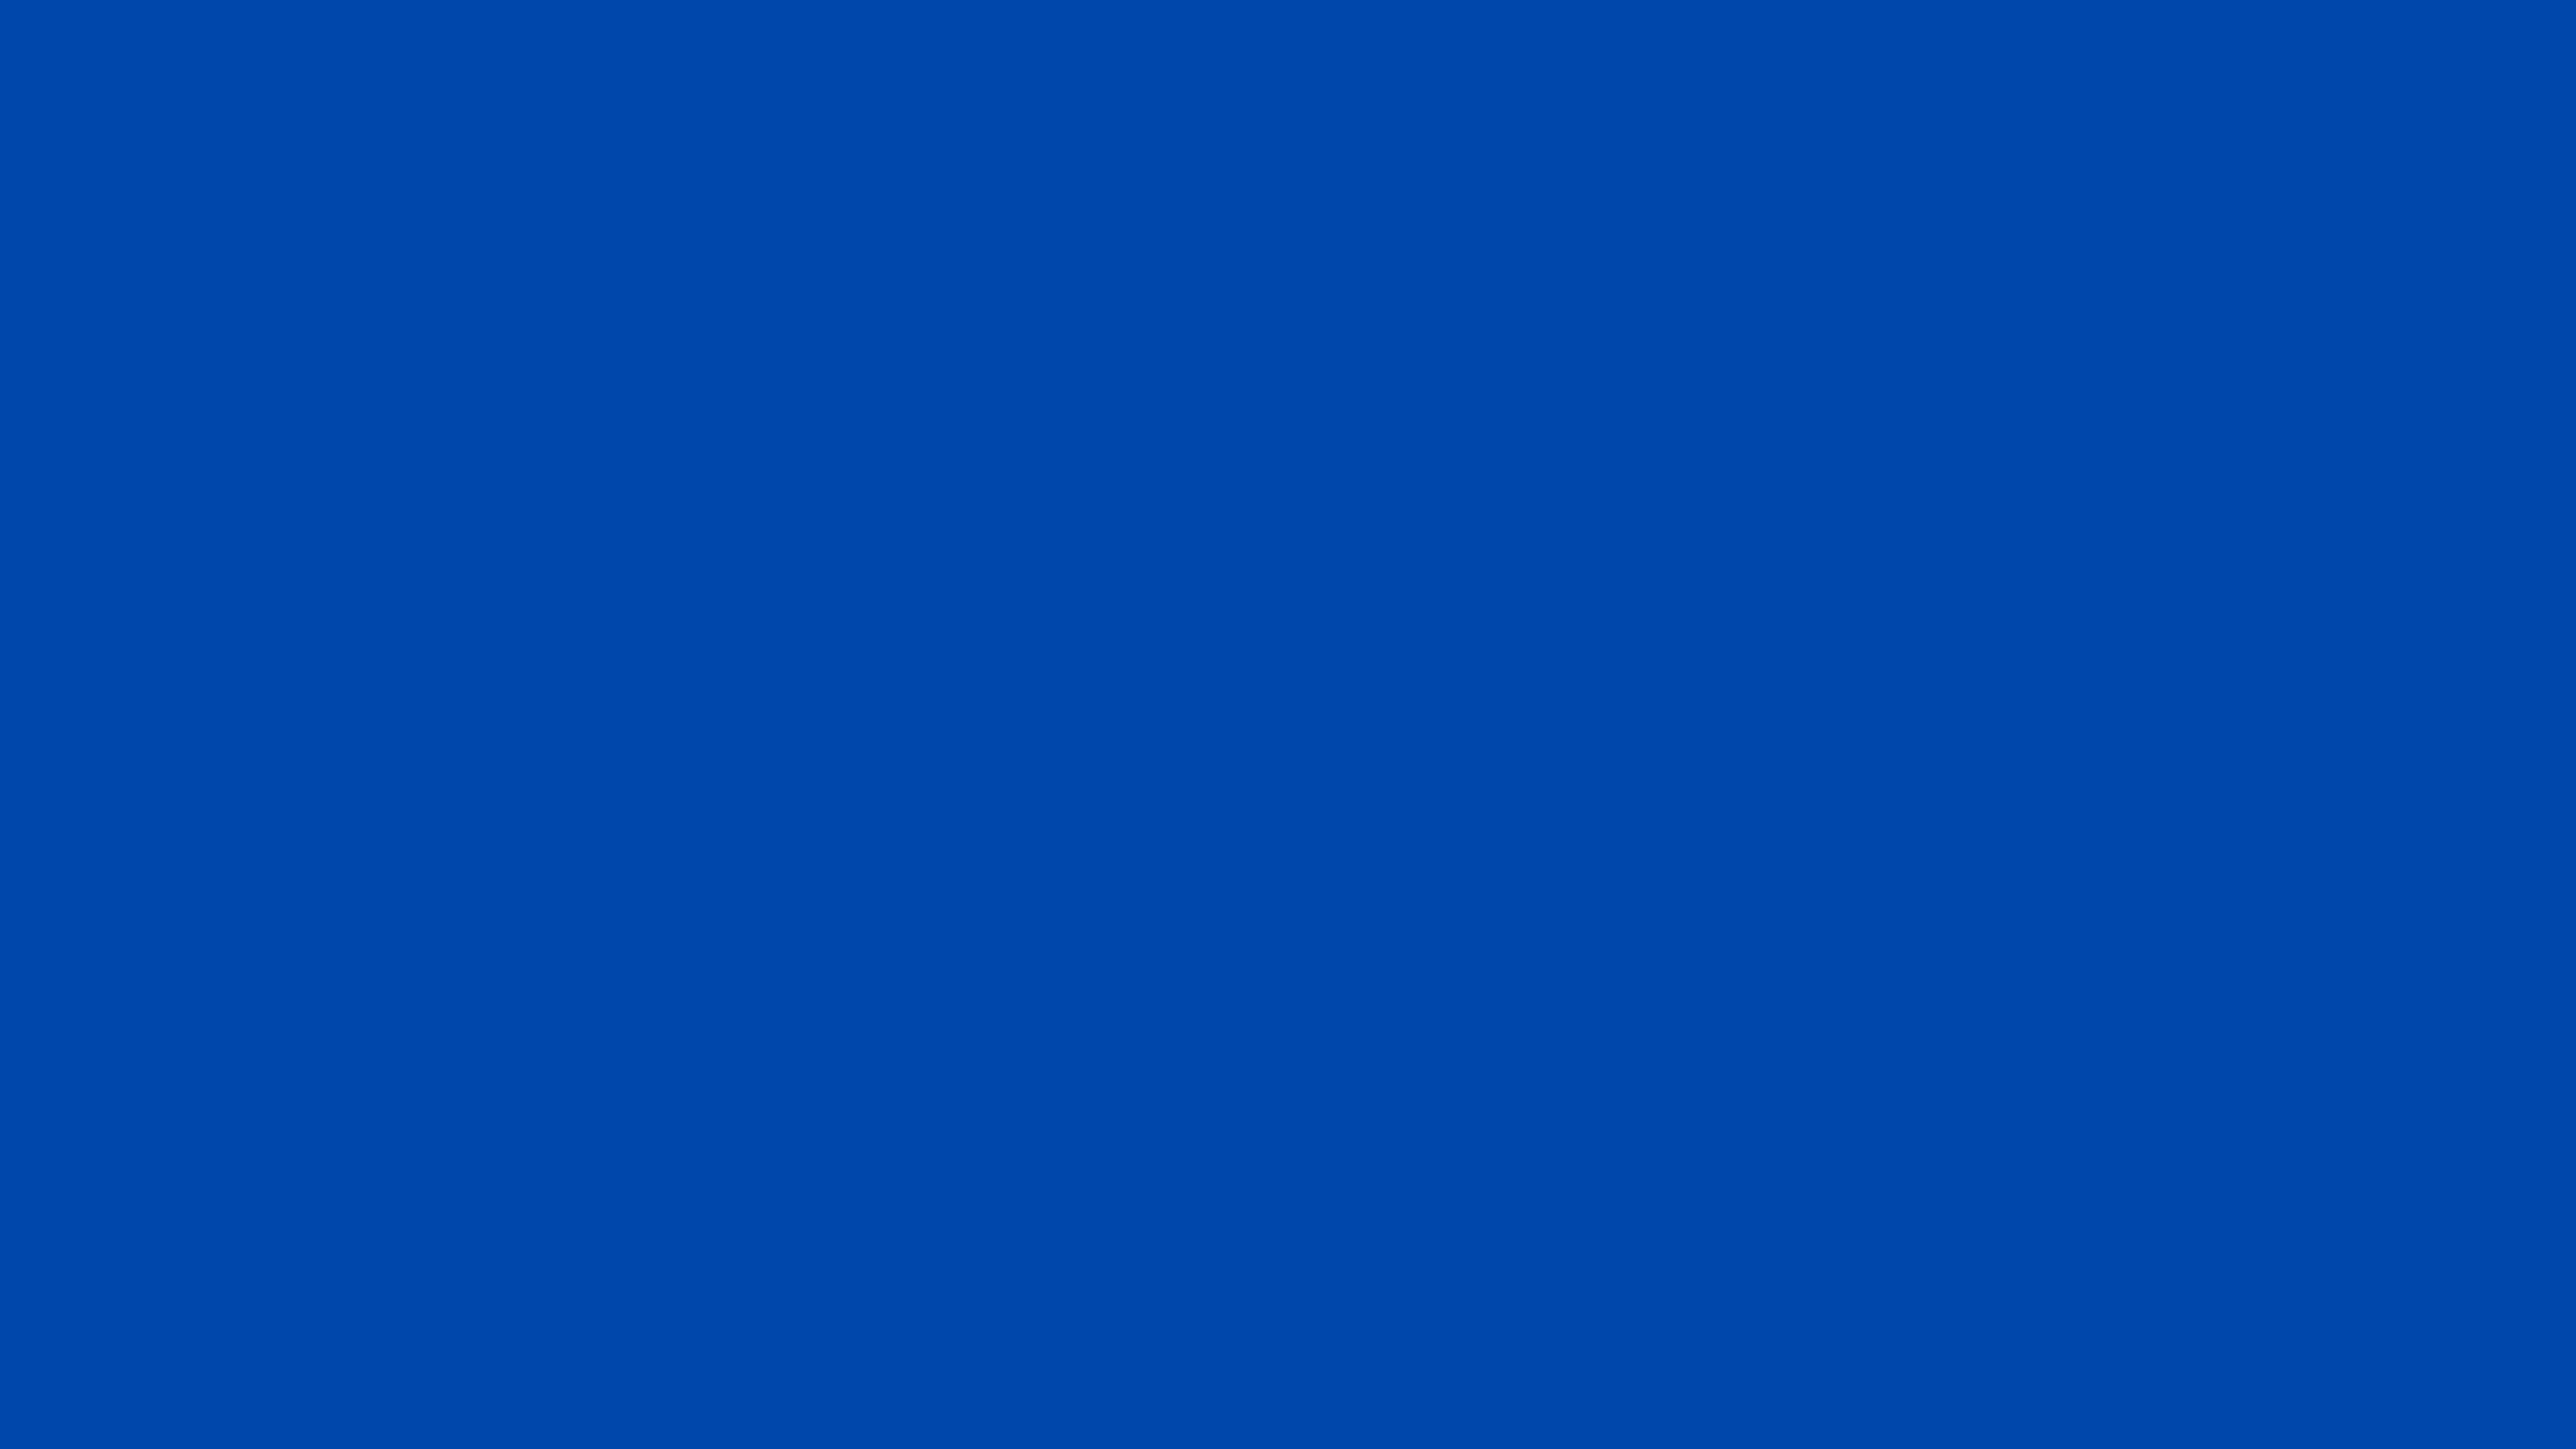 3840x2160 Cobalt Solid Color Background